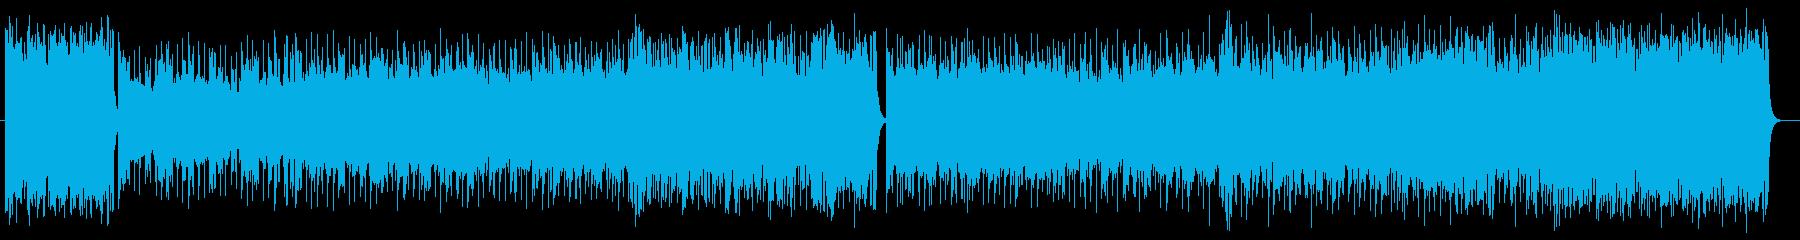 ドキドキ感とシリアスなシンセサウンドの再生済みの波形